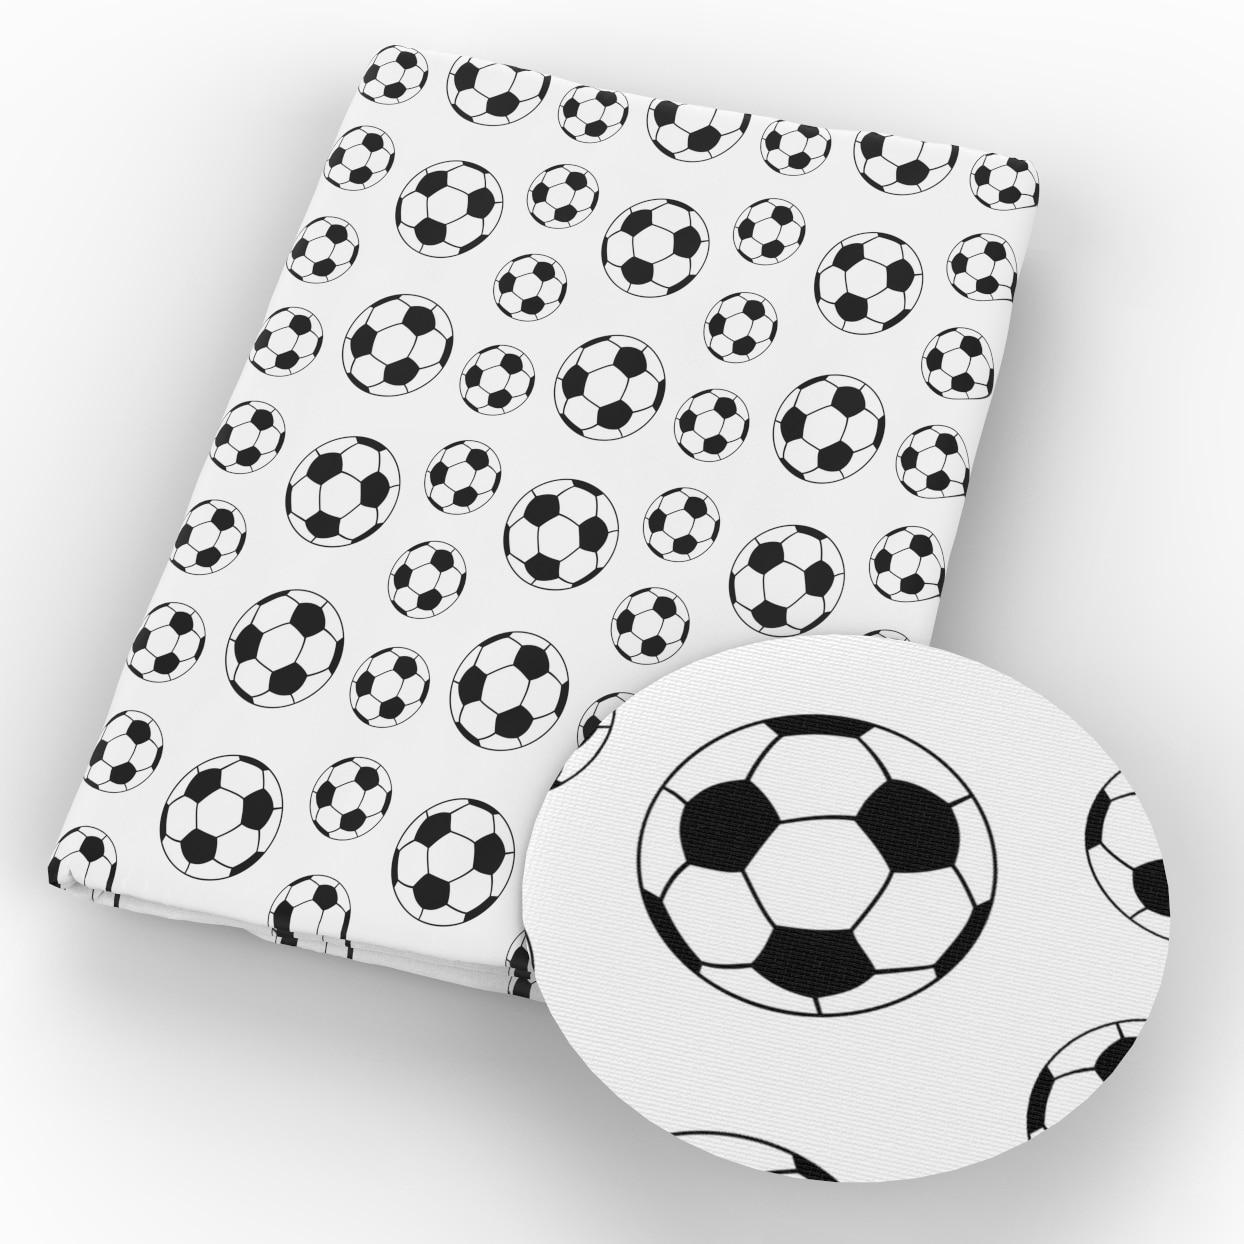 Лоскутная Ткань 50*145 см из 100% хлопка с принтом в виде футбольного мяча, ткань для детских рукоделия, шитье, квилтинг, материал четверти, c11060